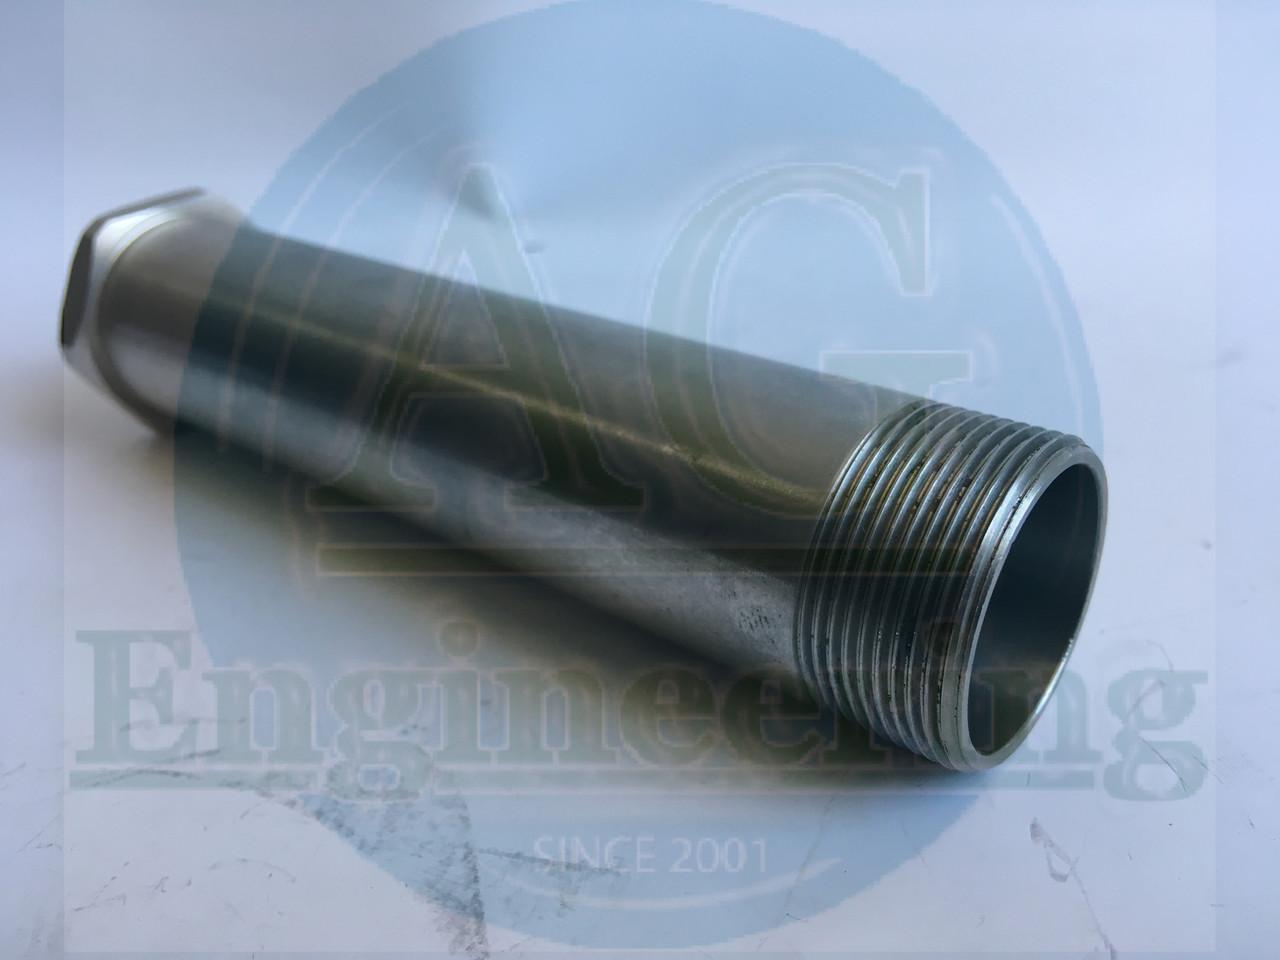 Быстросъёмная насадка URBAN FSH 130 для M12/M14  БЕЗ ГАЙКИ, 92019